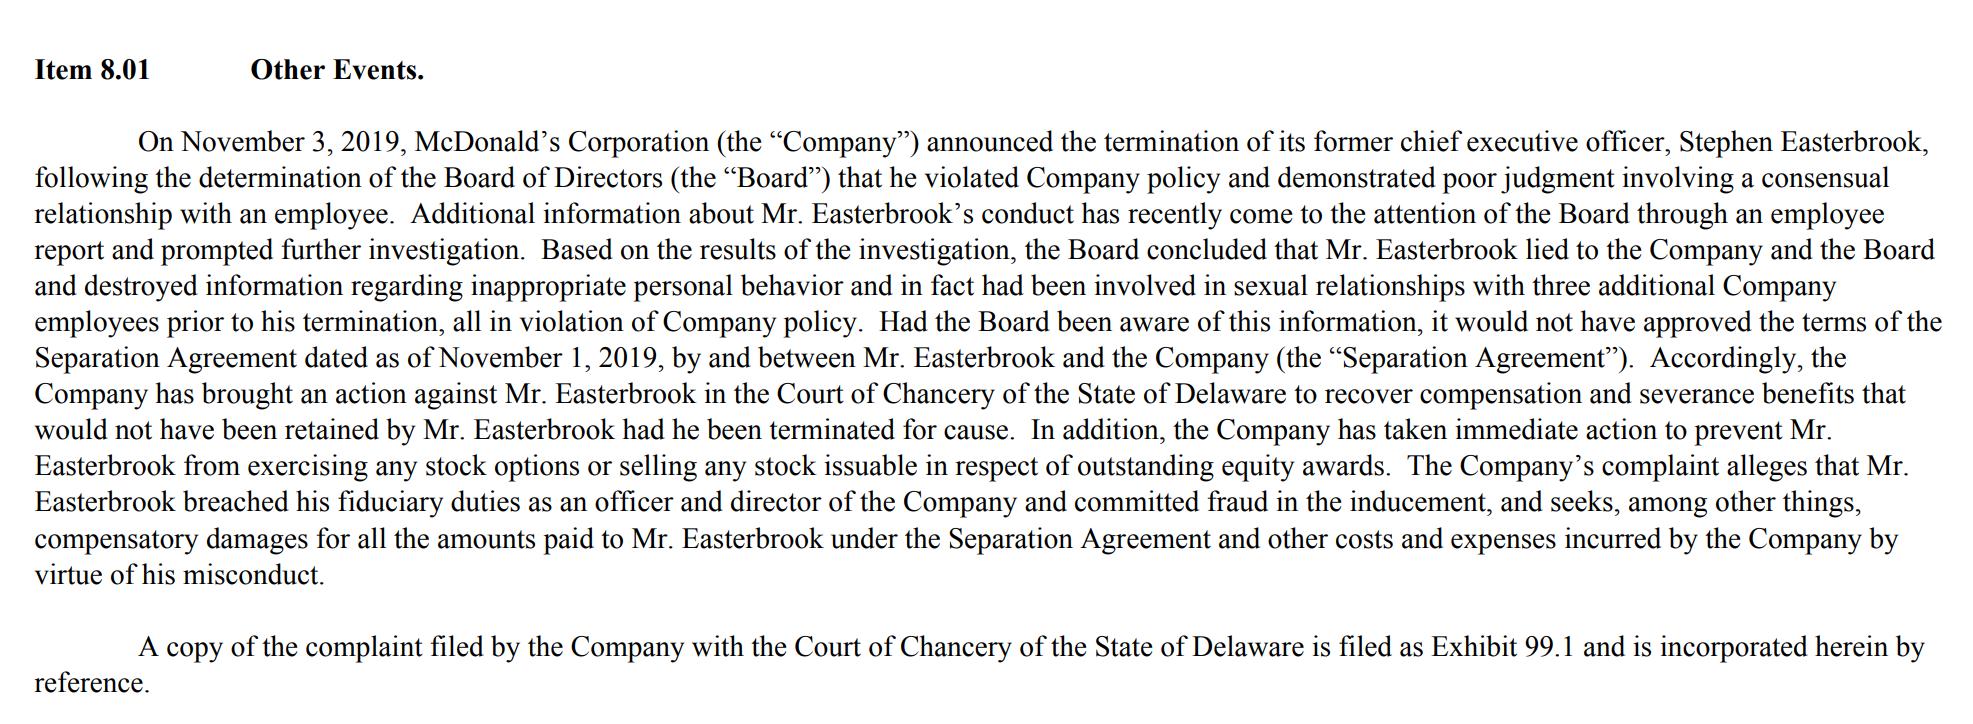 麦当劳起诉前CEO欲讨回4000万美元离职补偿 涉嫌与多名员工有染并欺骗董事会